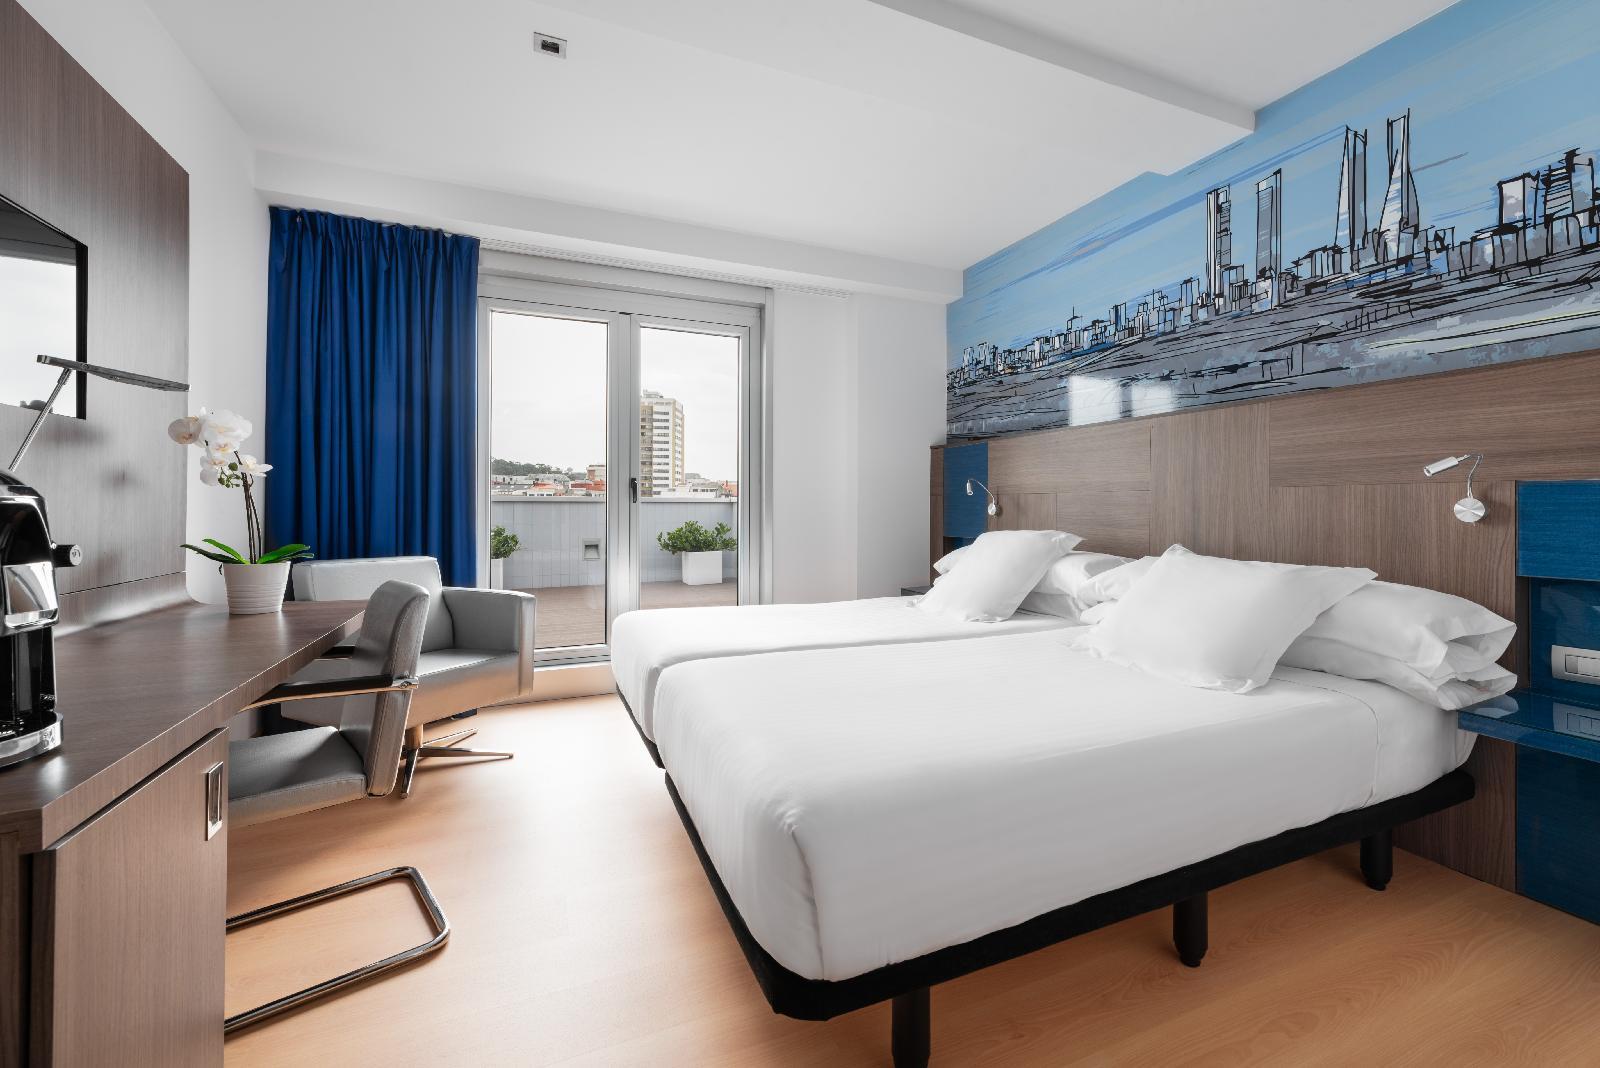 25. Hotel Blue Coruña